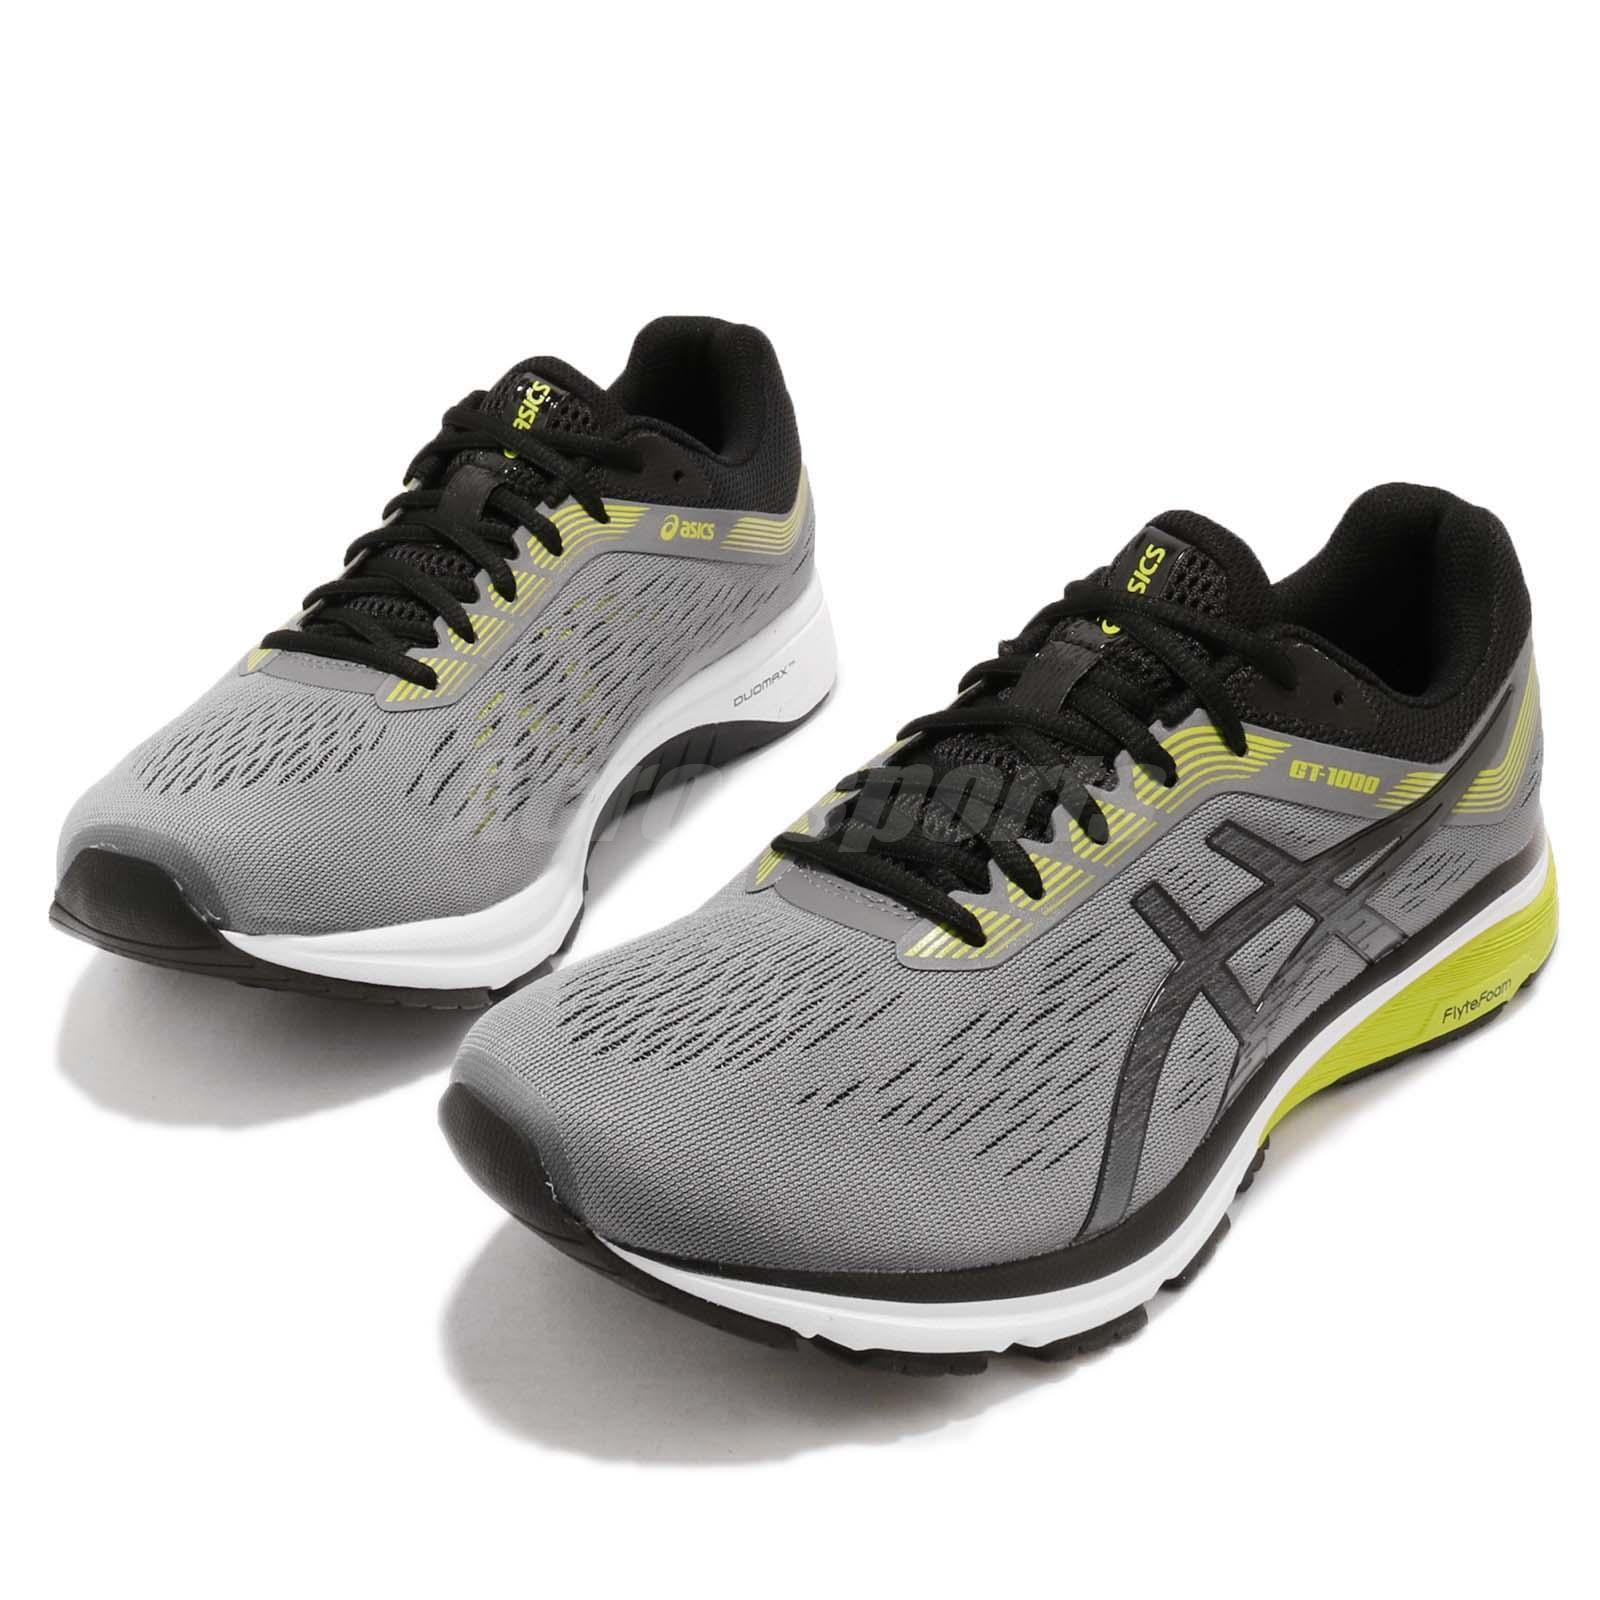 Détails sur Asics GT 1000 7 4E Extra Wide Carbon Black Men Running Shoe Sneaker 1011A041 021